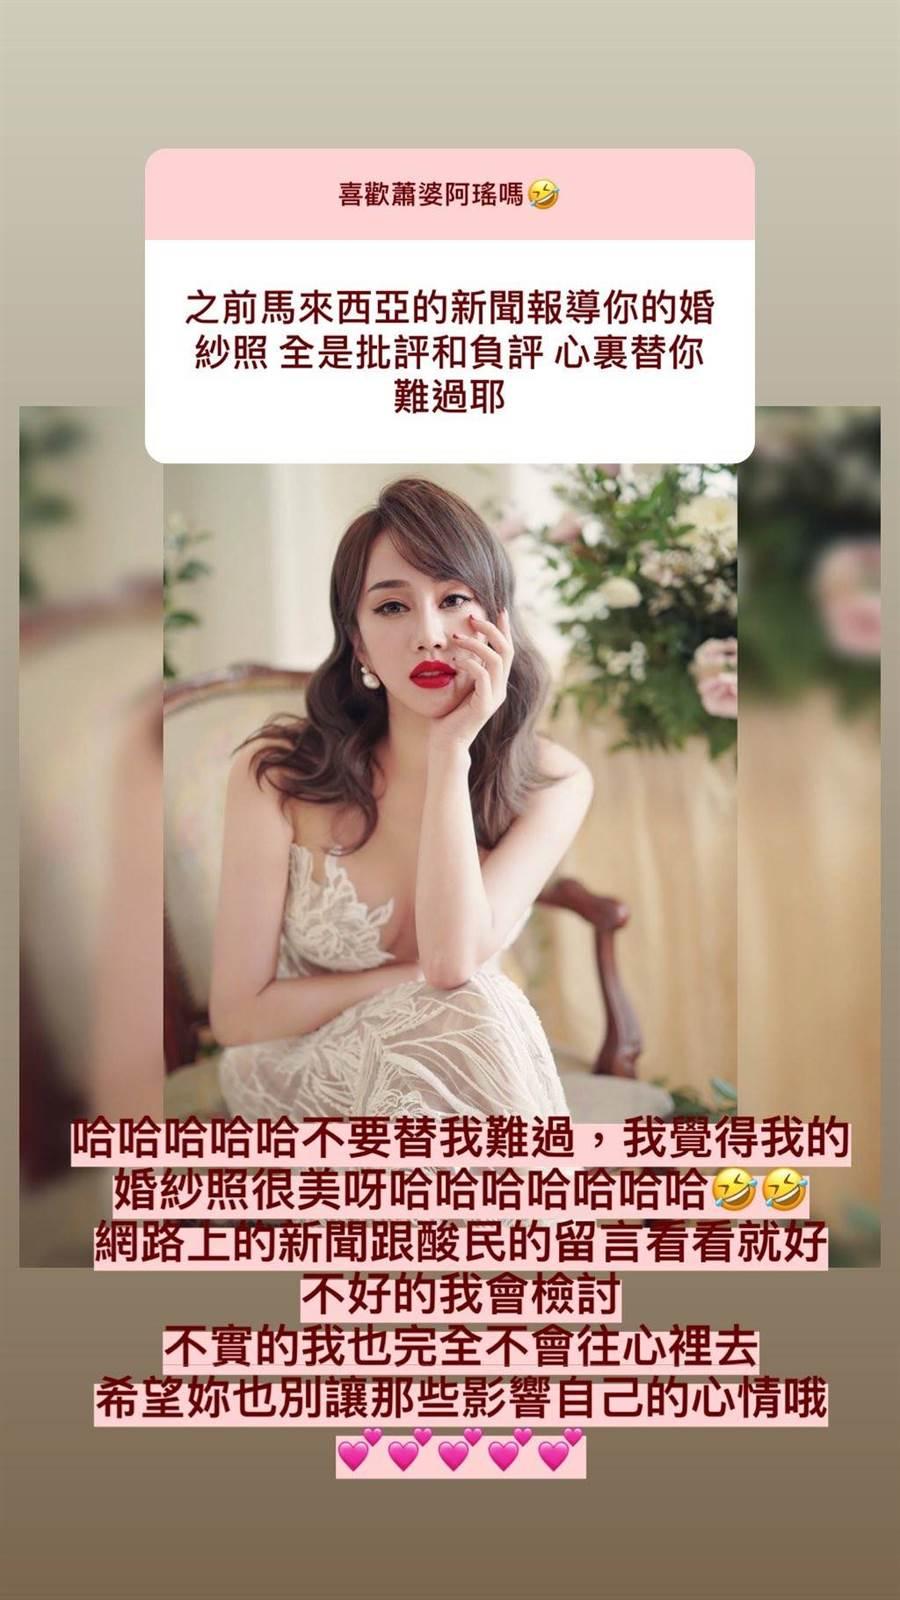 林佩瑤限時動態全文。(圖/取材自林佩瑤 Pei Yao Lin臉書)